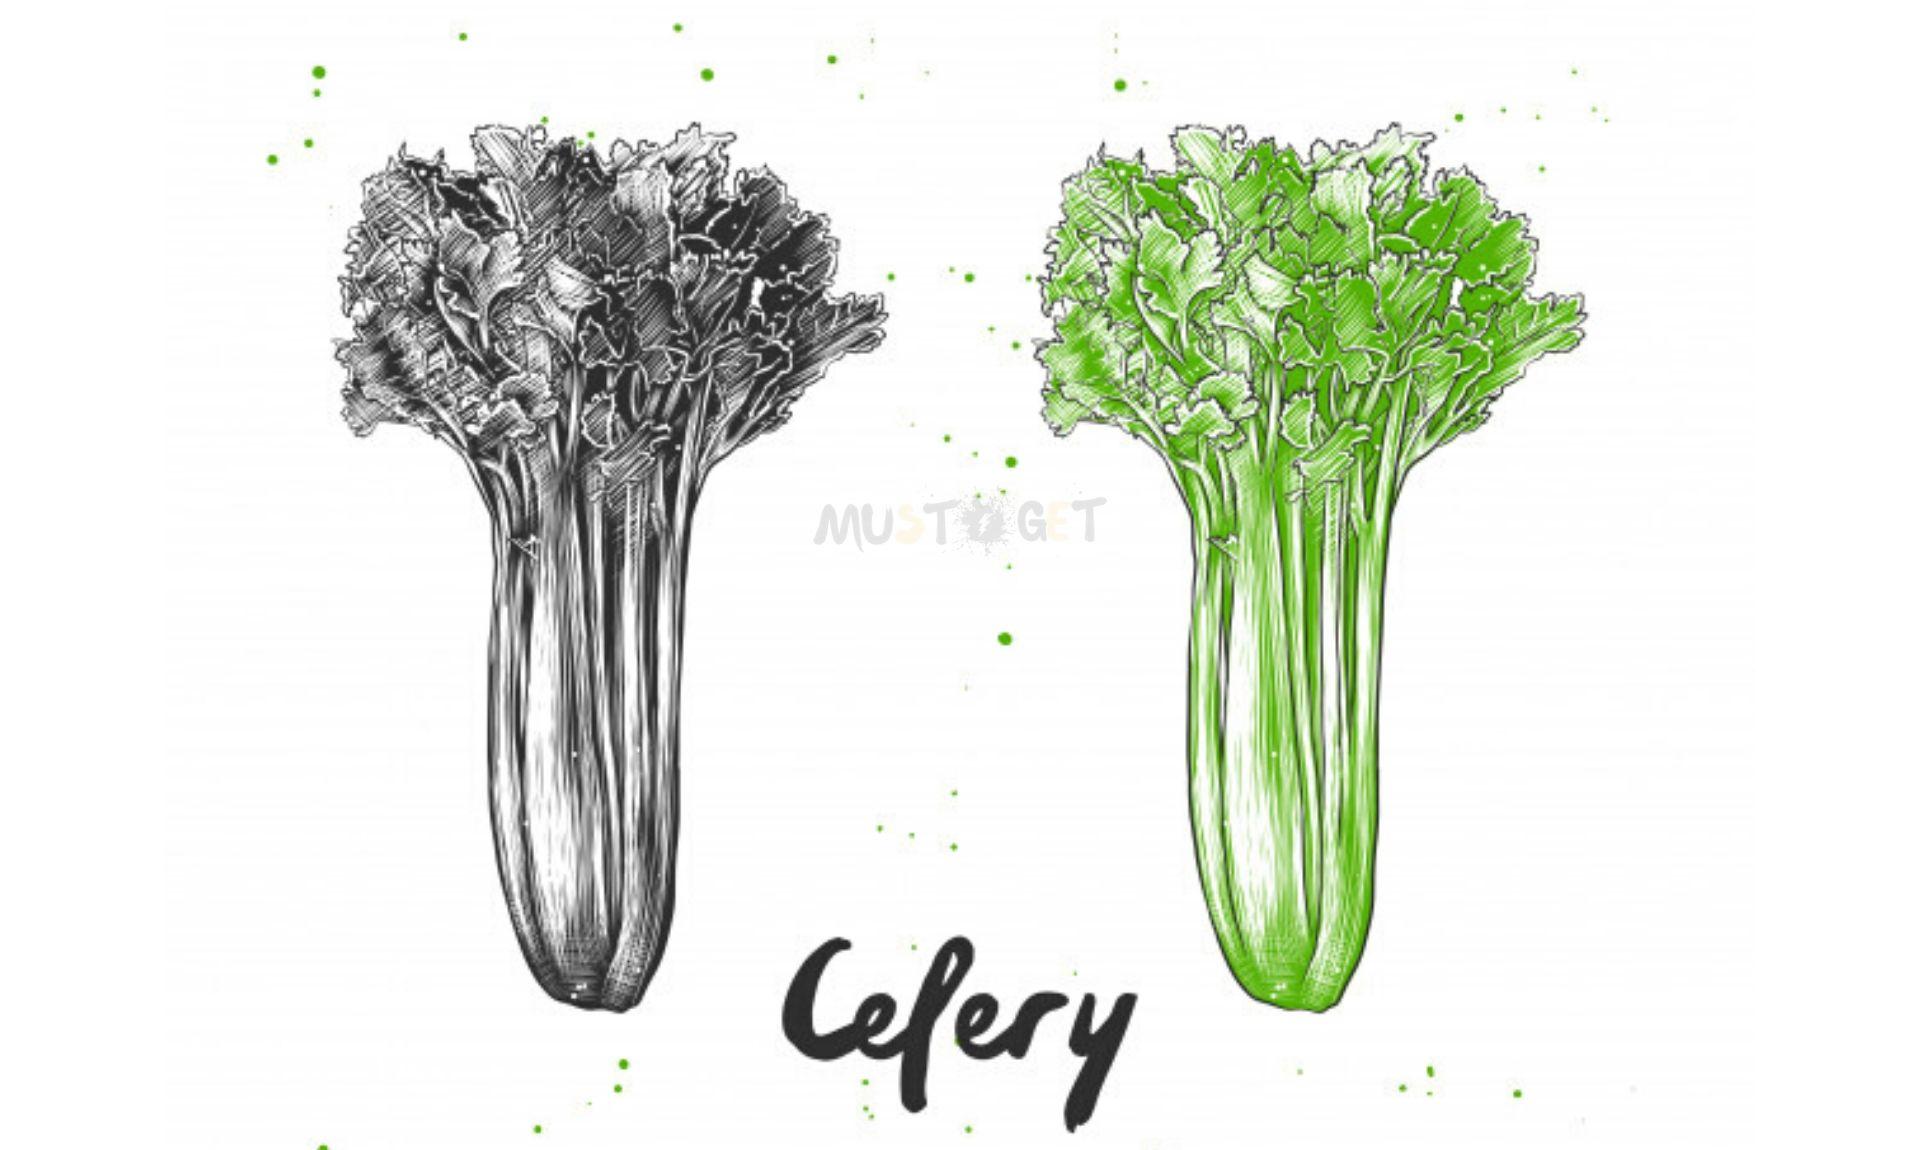 Как вырастить сельдерей из стебля. Пошаговая инструкция, фото.